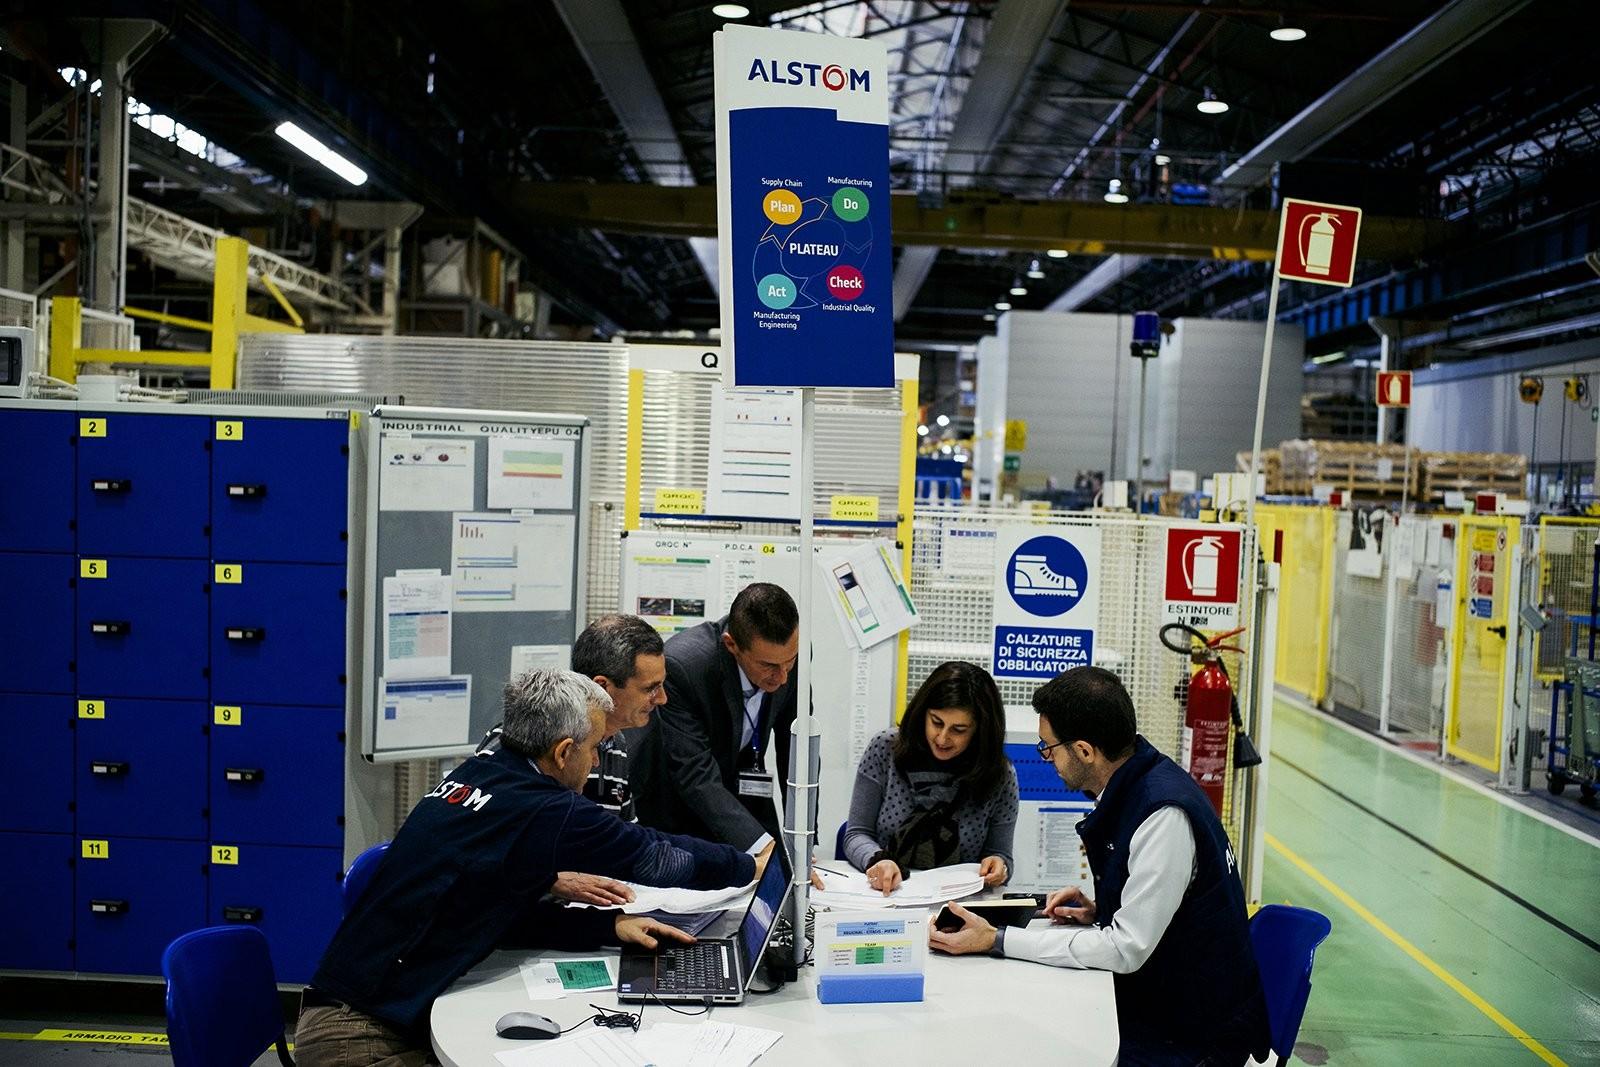 Alstom corre per AIRC 2018-ALSTOM